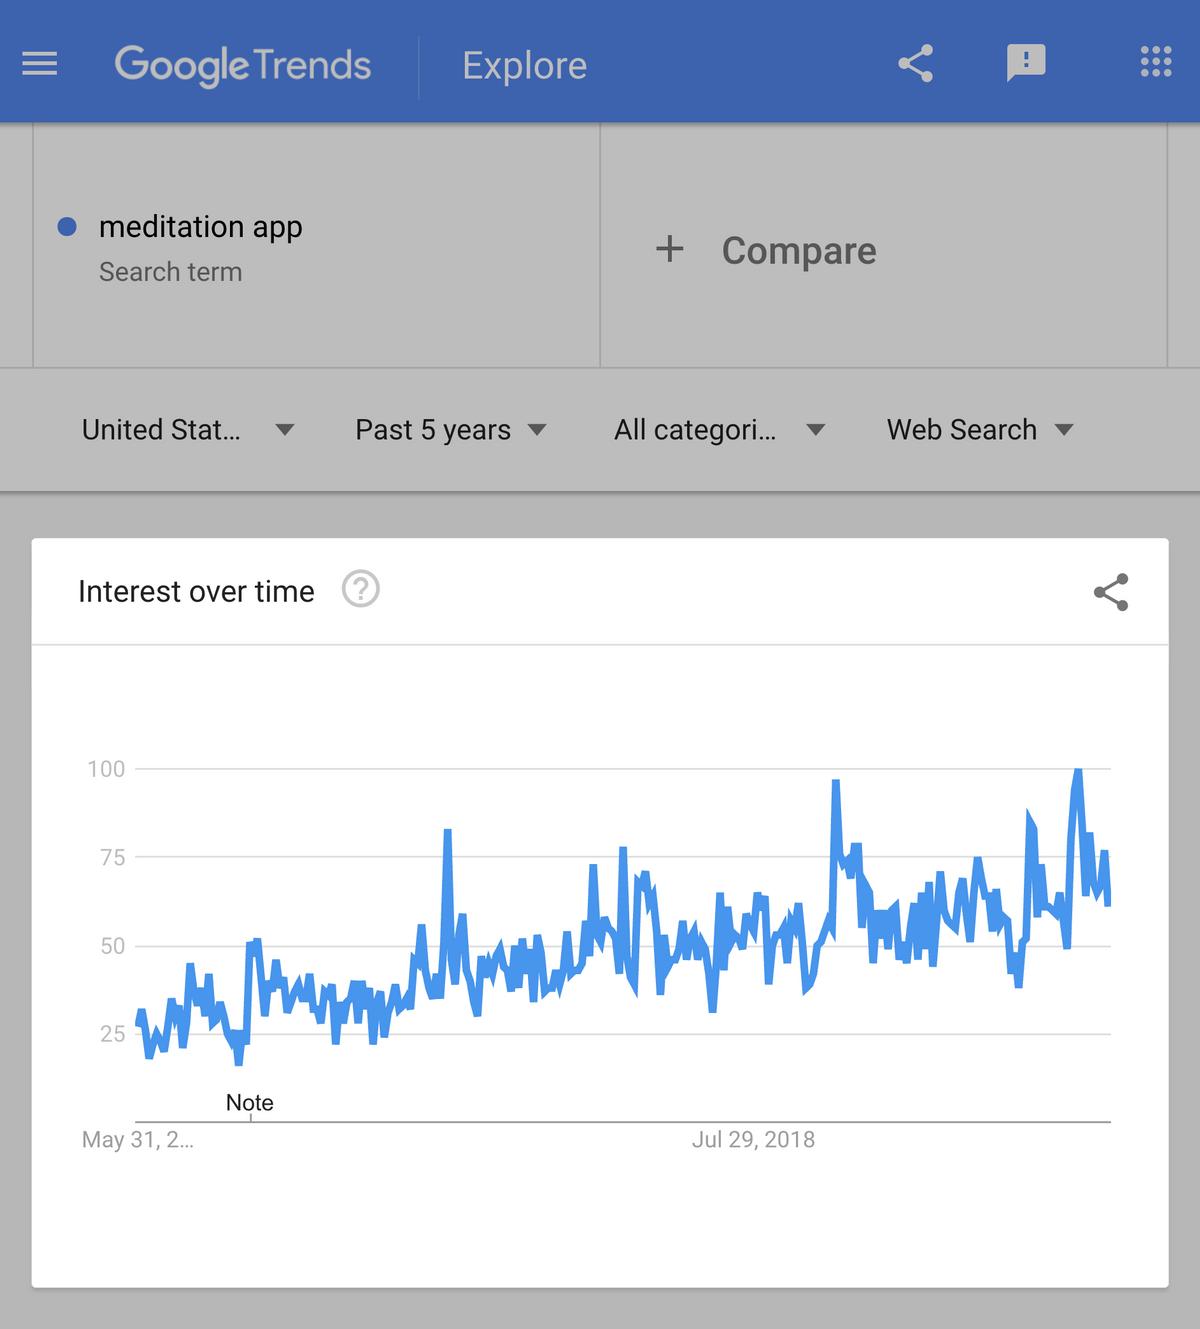 google-trends-meditation-app.png